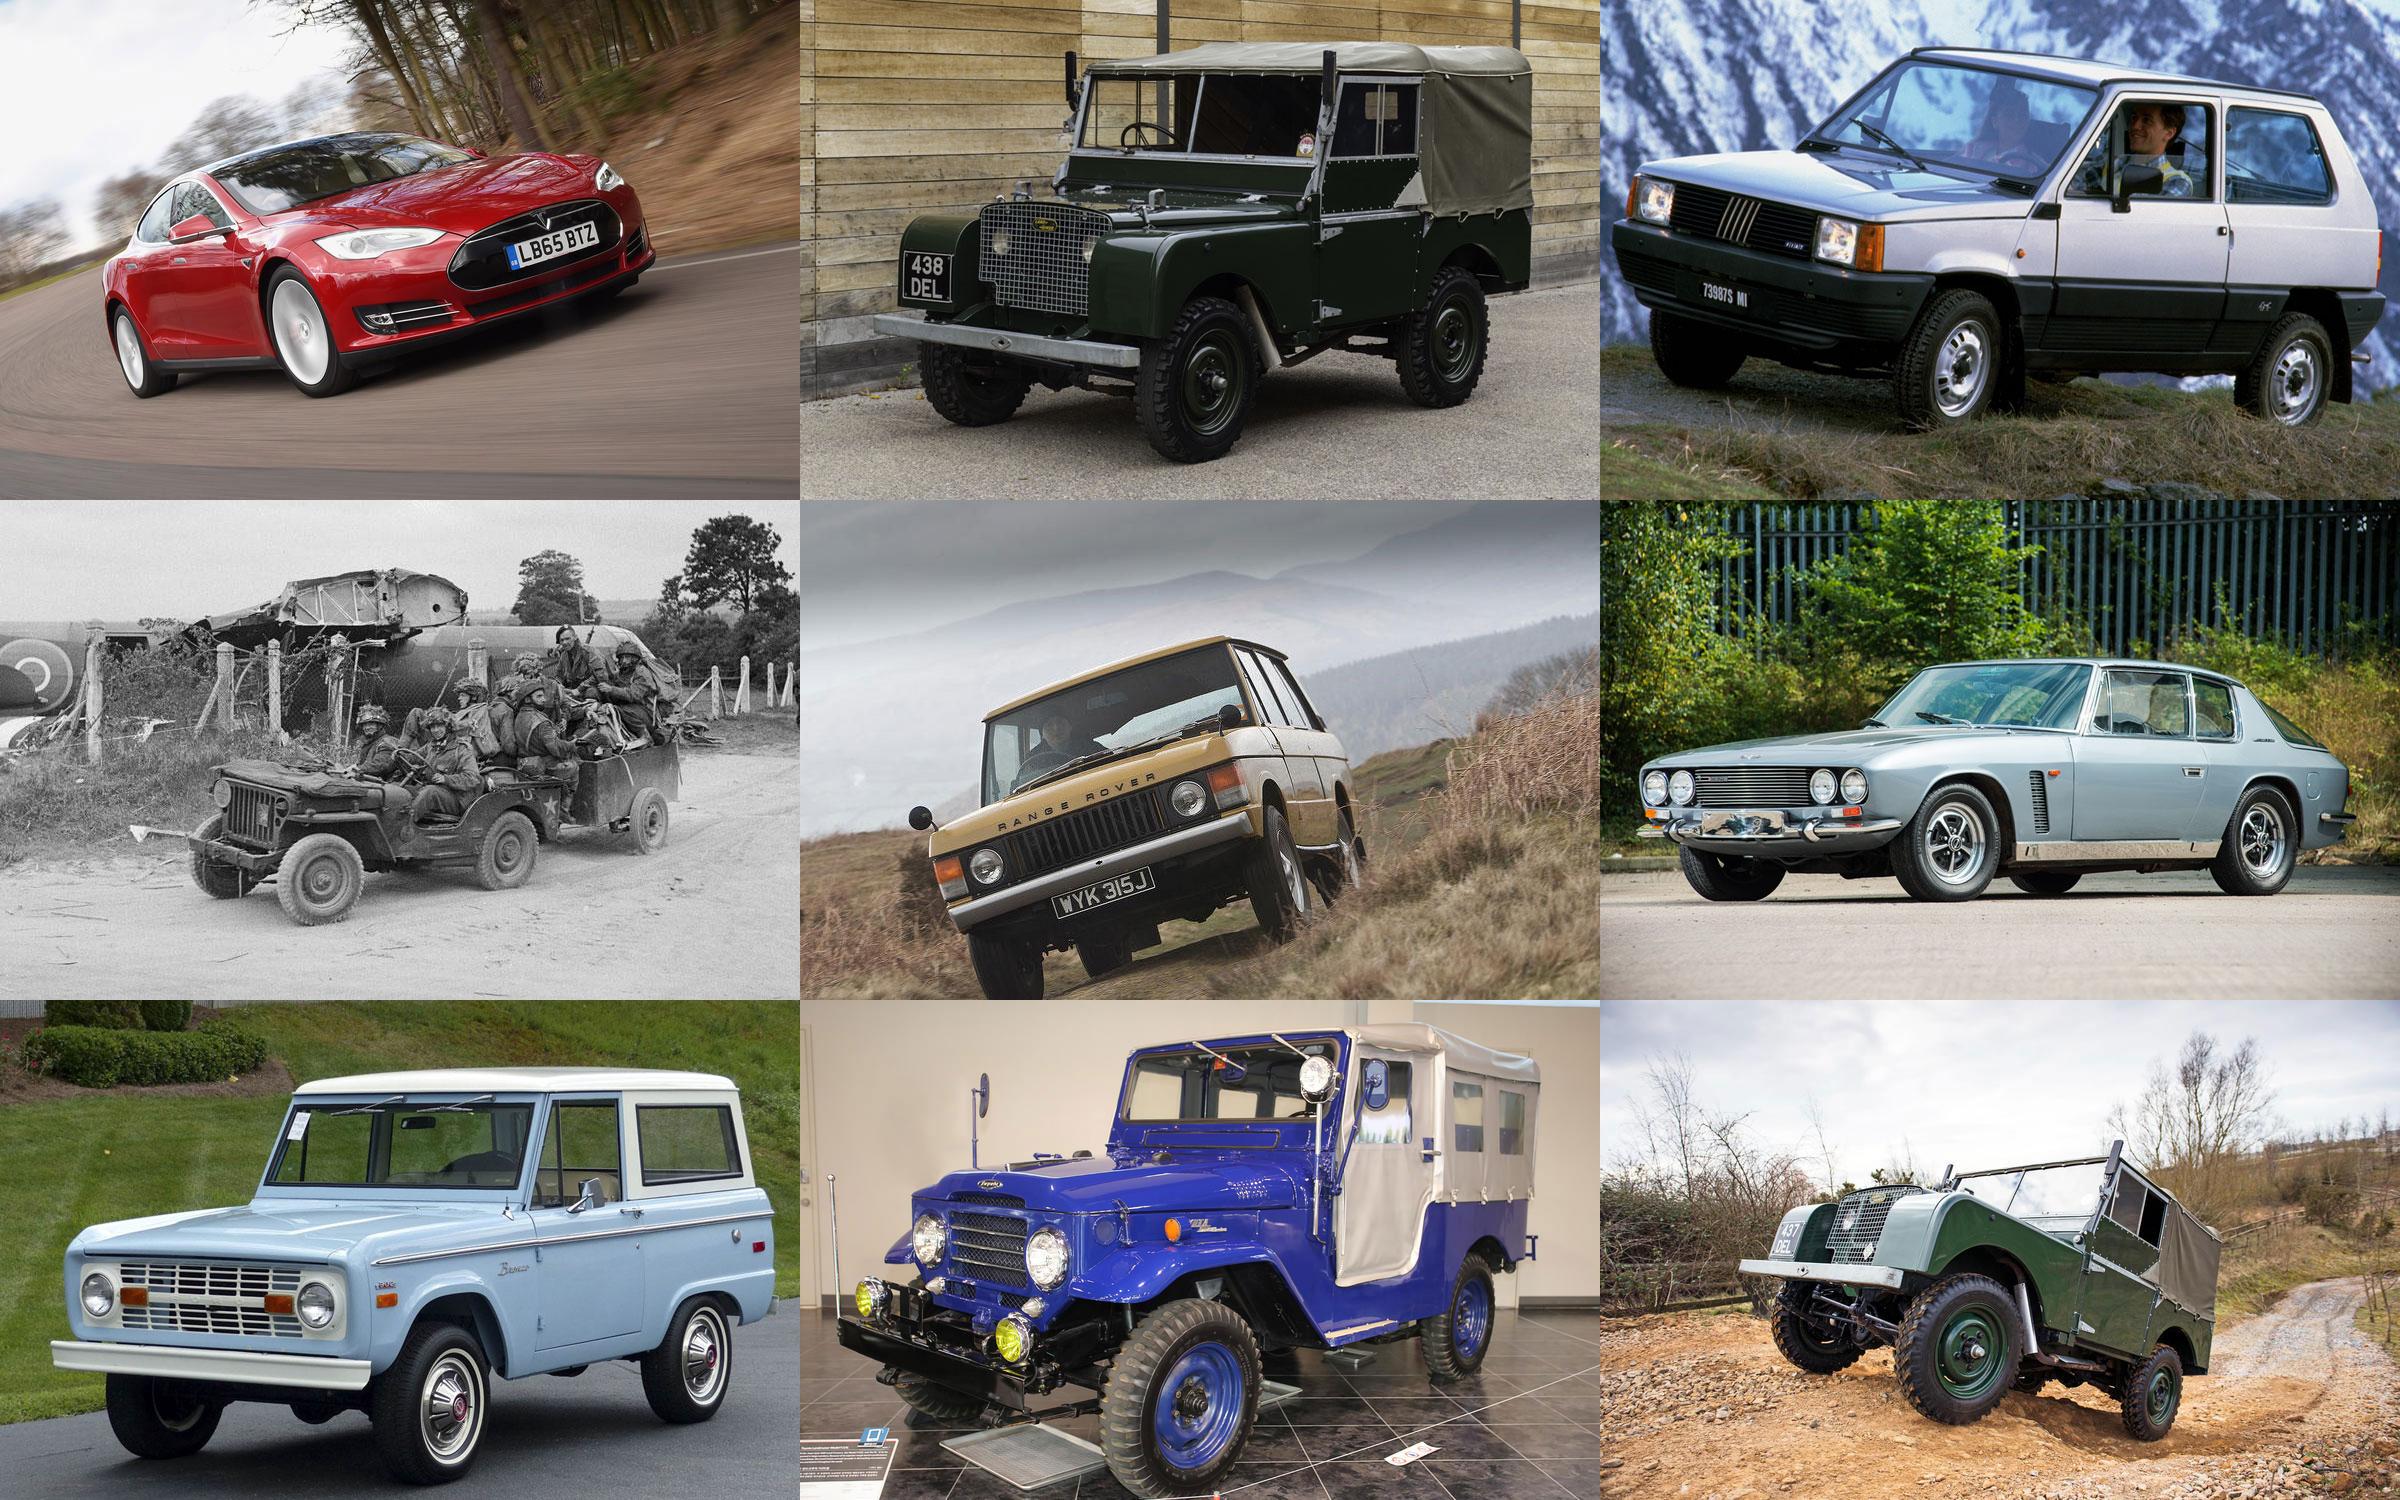 FEATURE: 10 Mobil Penting dalam Sejarah Penggerak 4x4